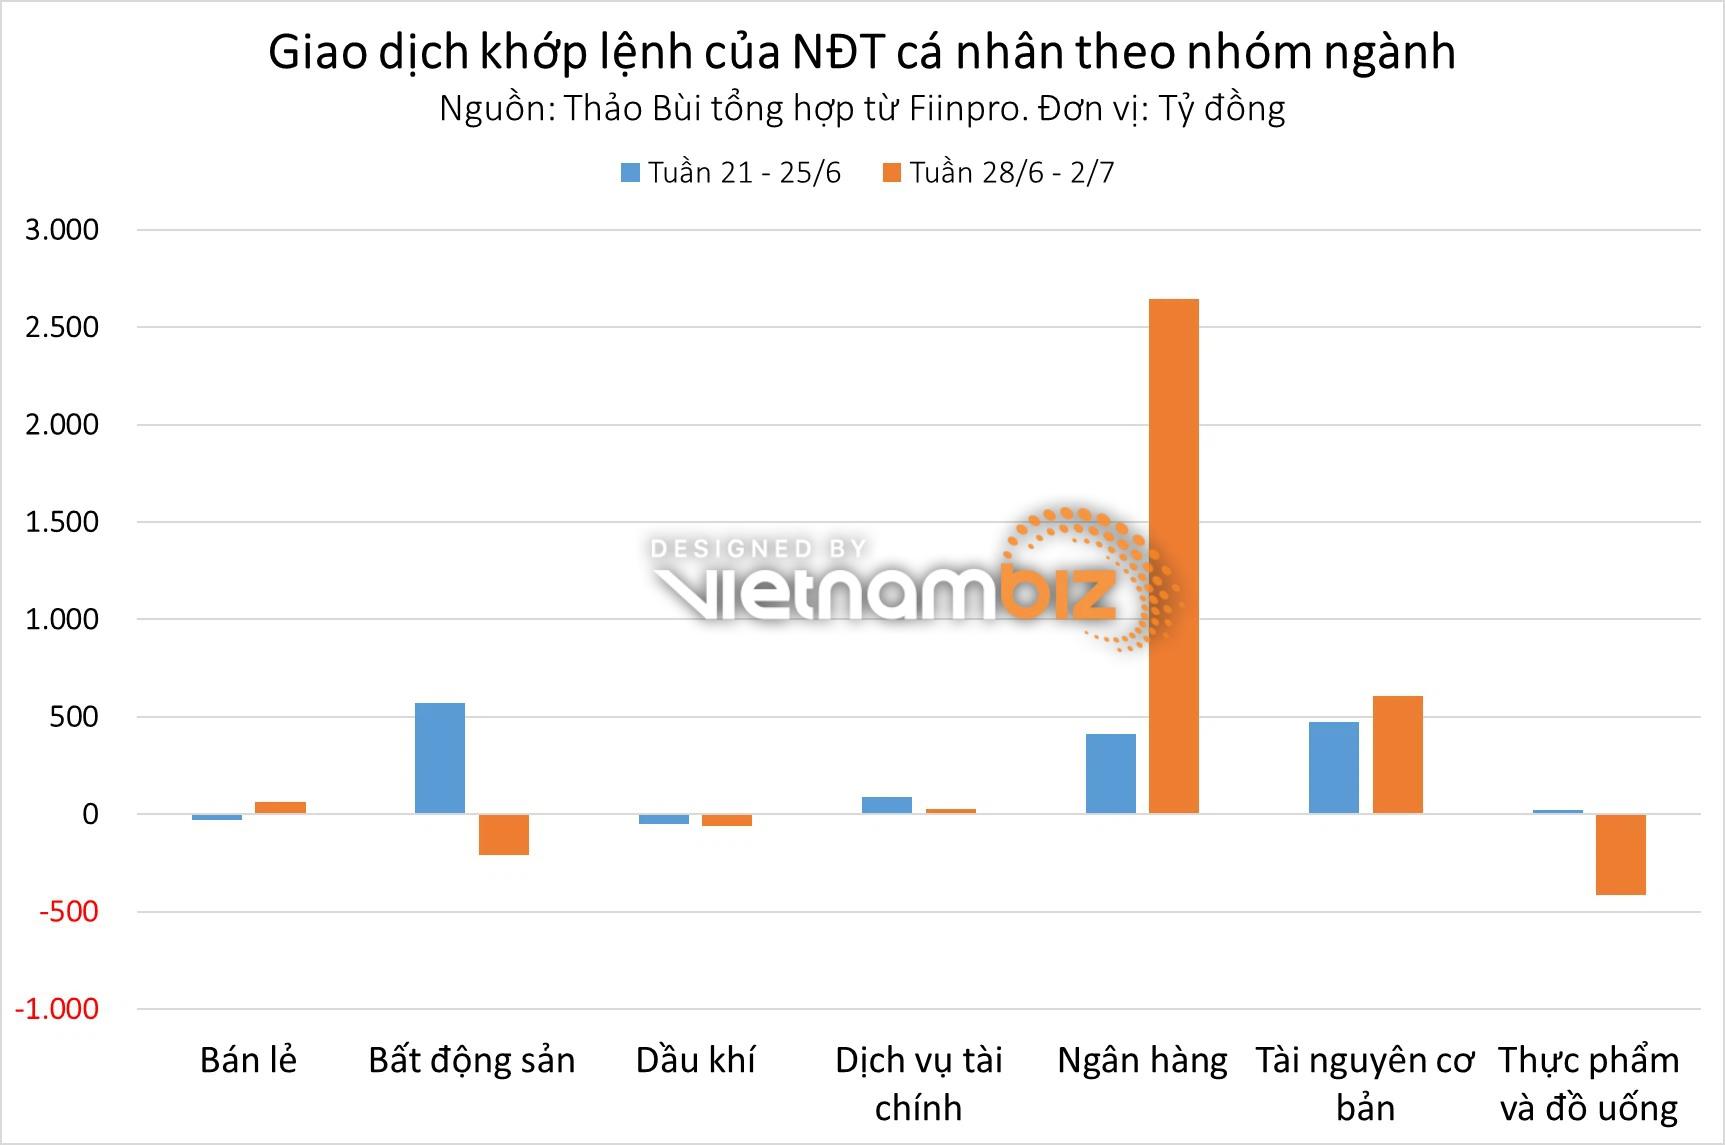 NĐT xuống tiền mạnh tay tuần VN-Index tiếp tục lập đỉnh 1.420 điểm - Ảnh 2.